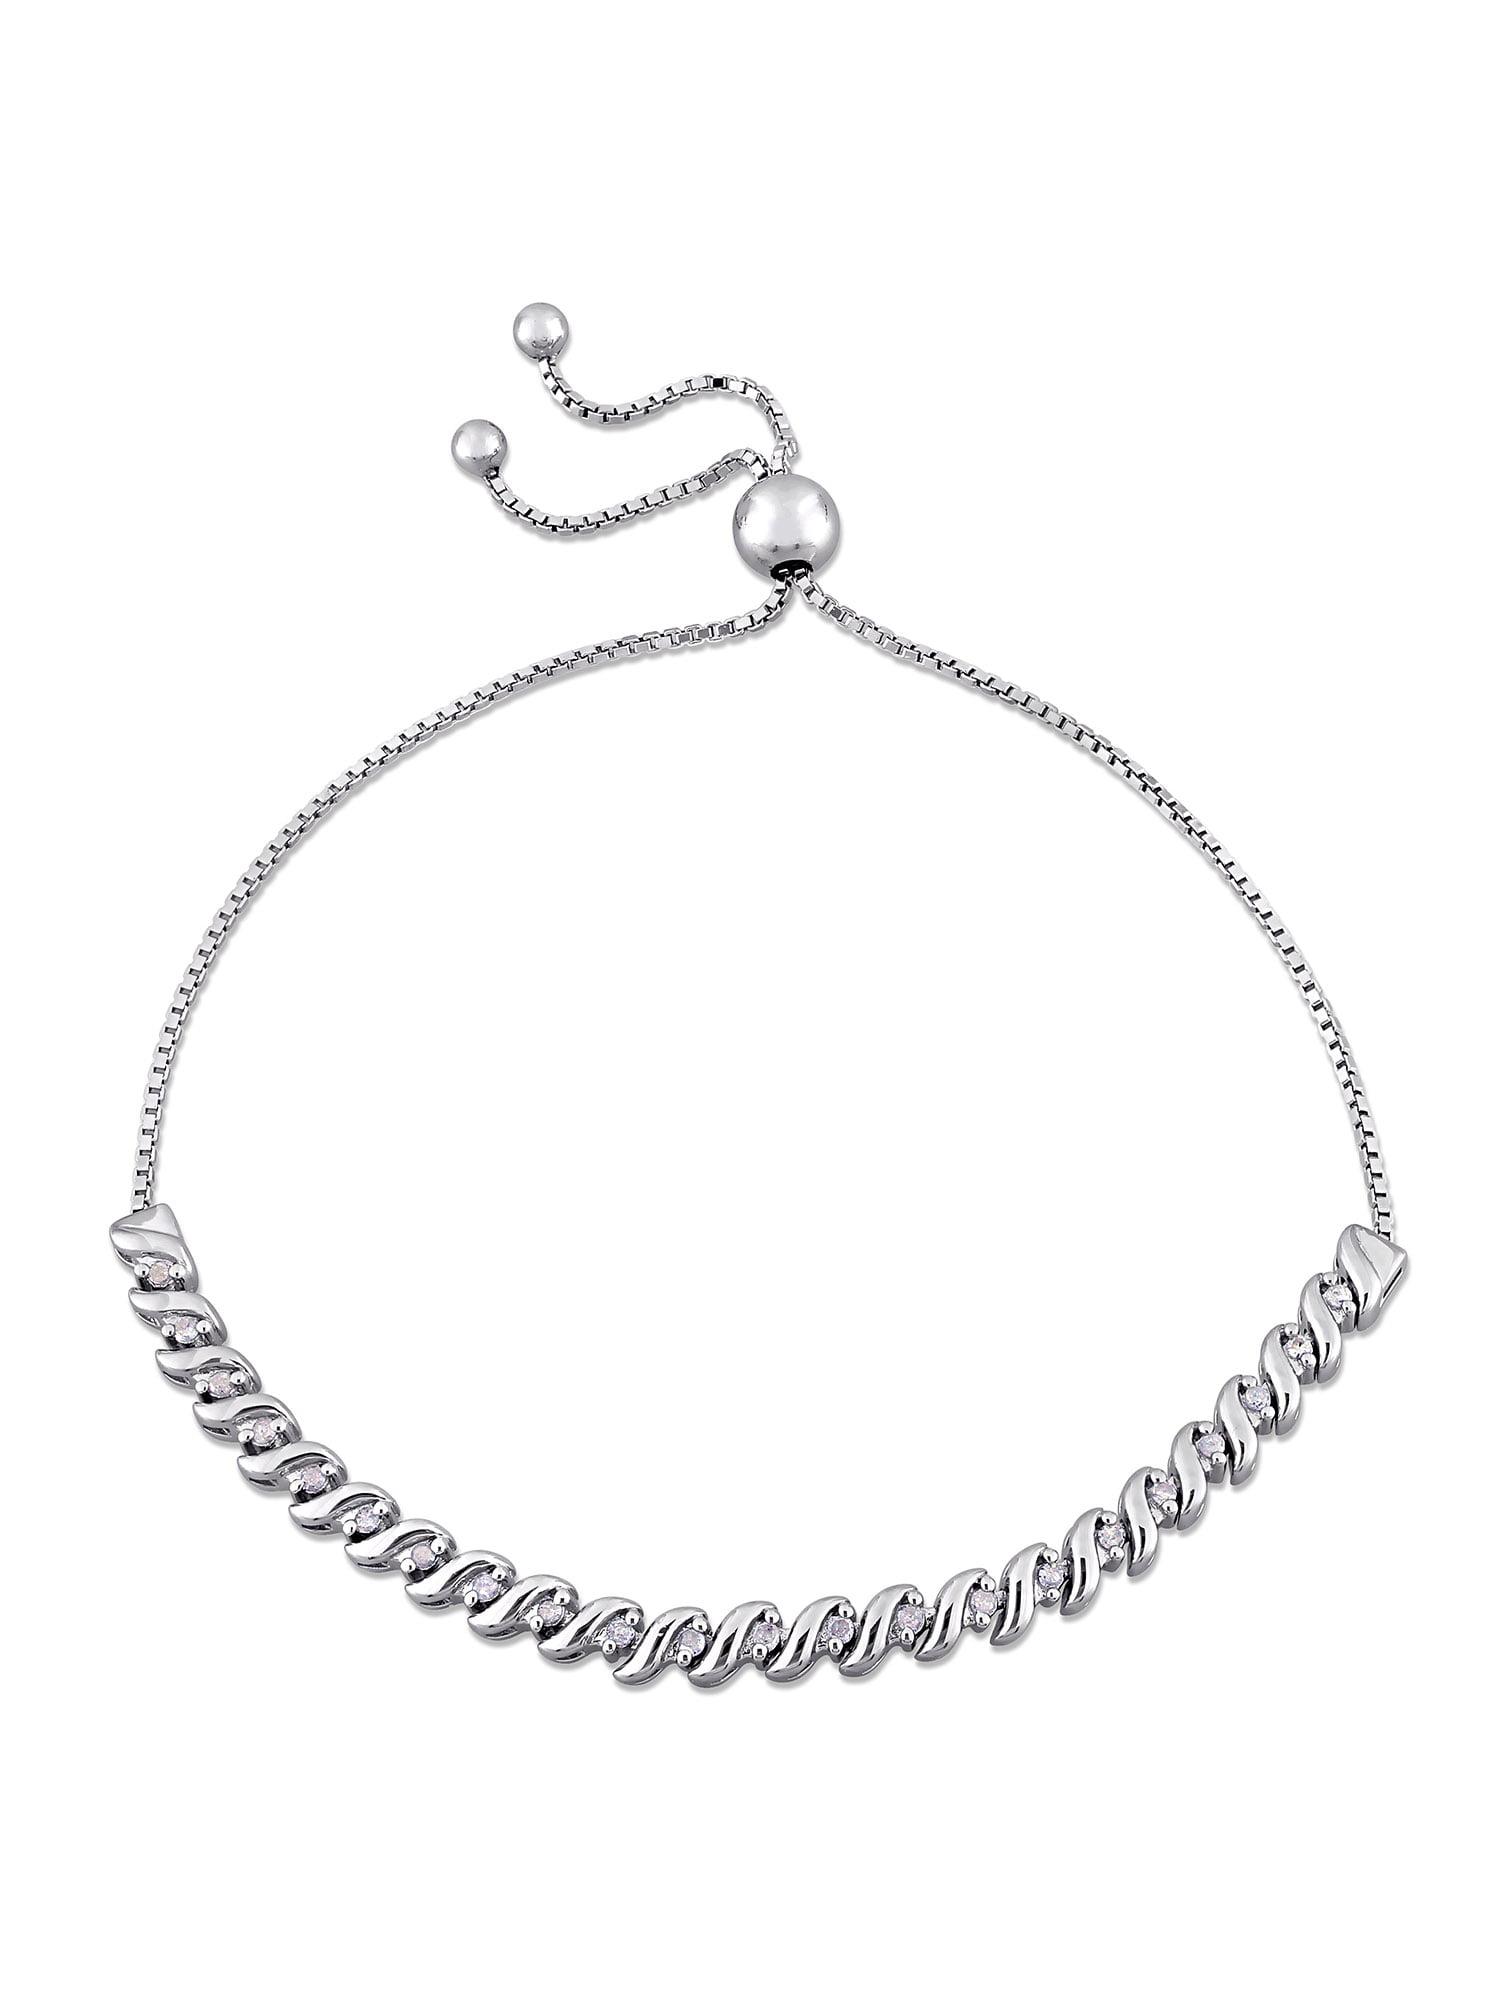 1/4 Carat T.W. Diamond Sterling Silver Bolo Bracelet, 9